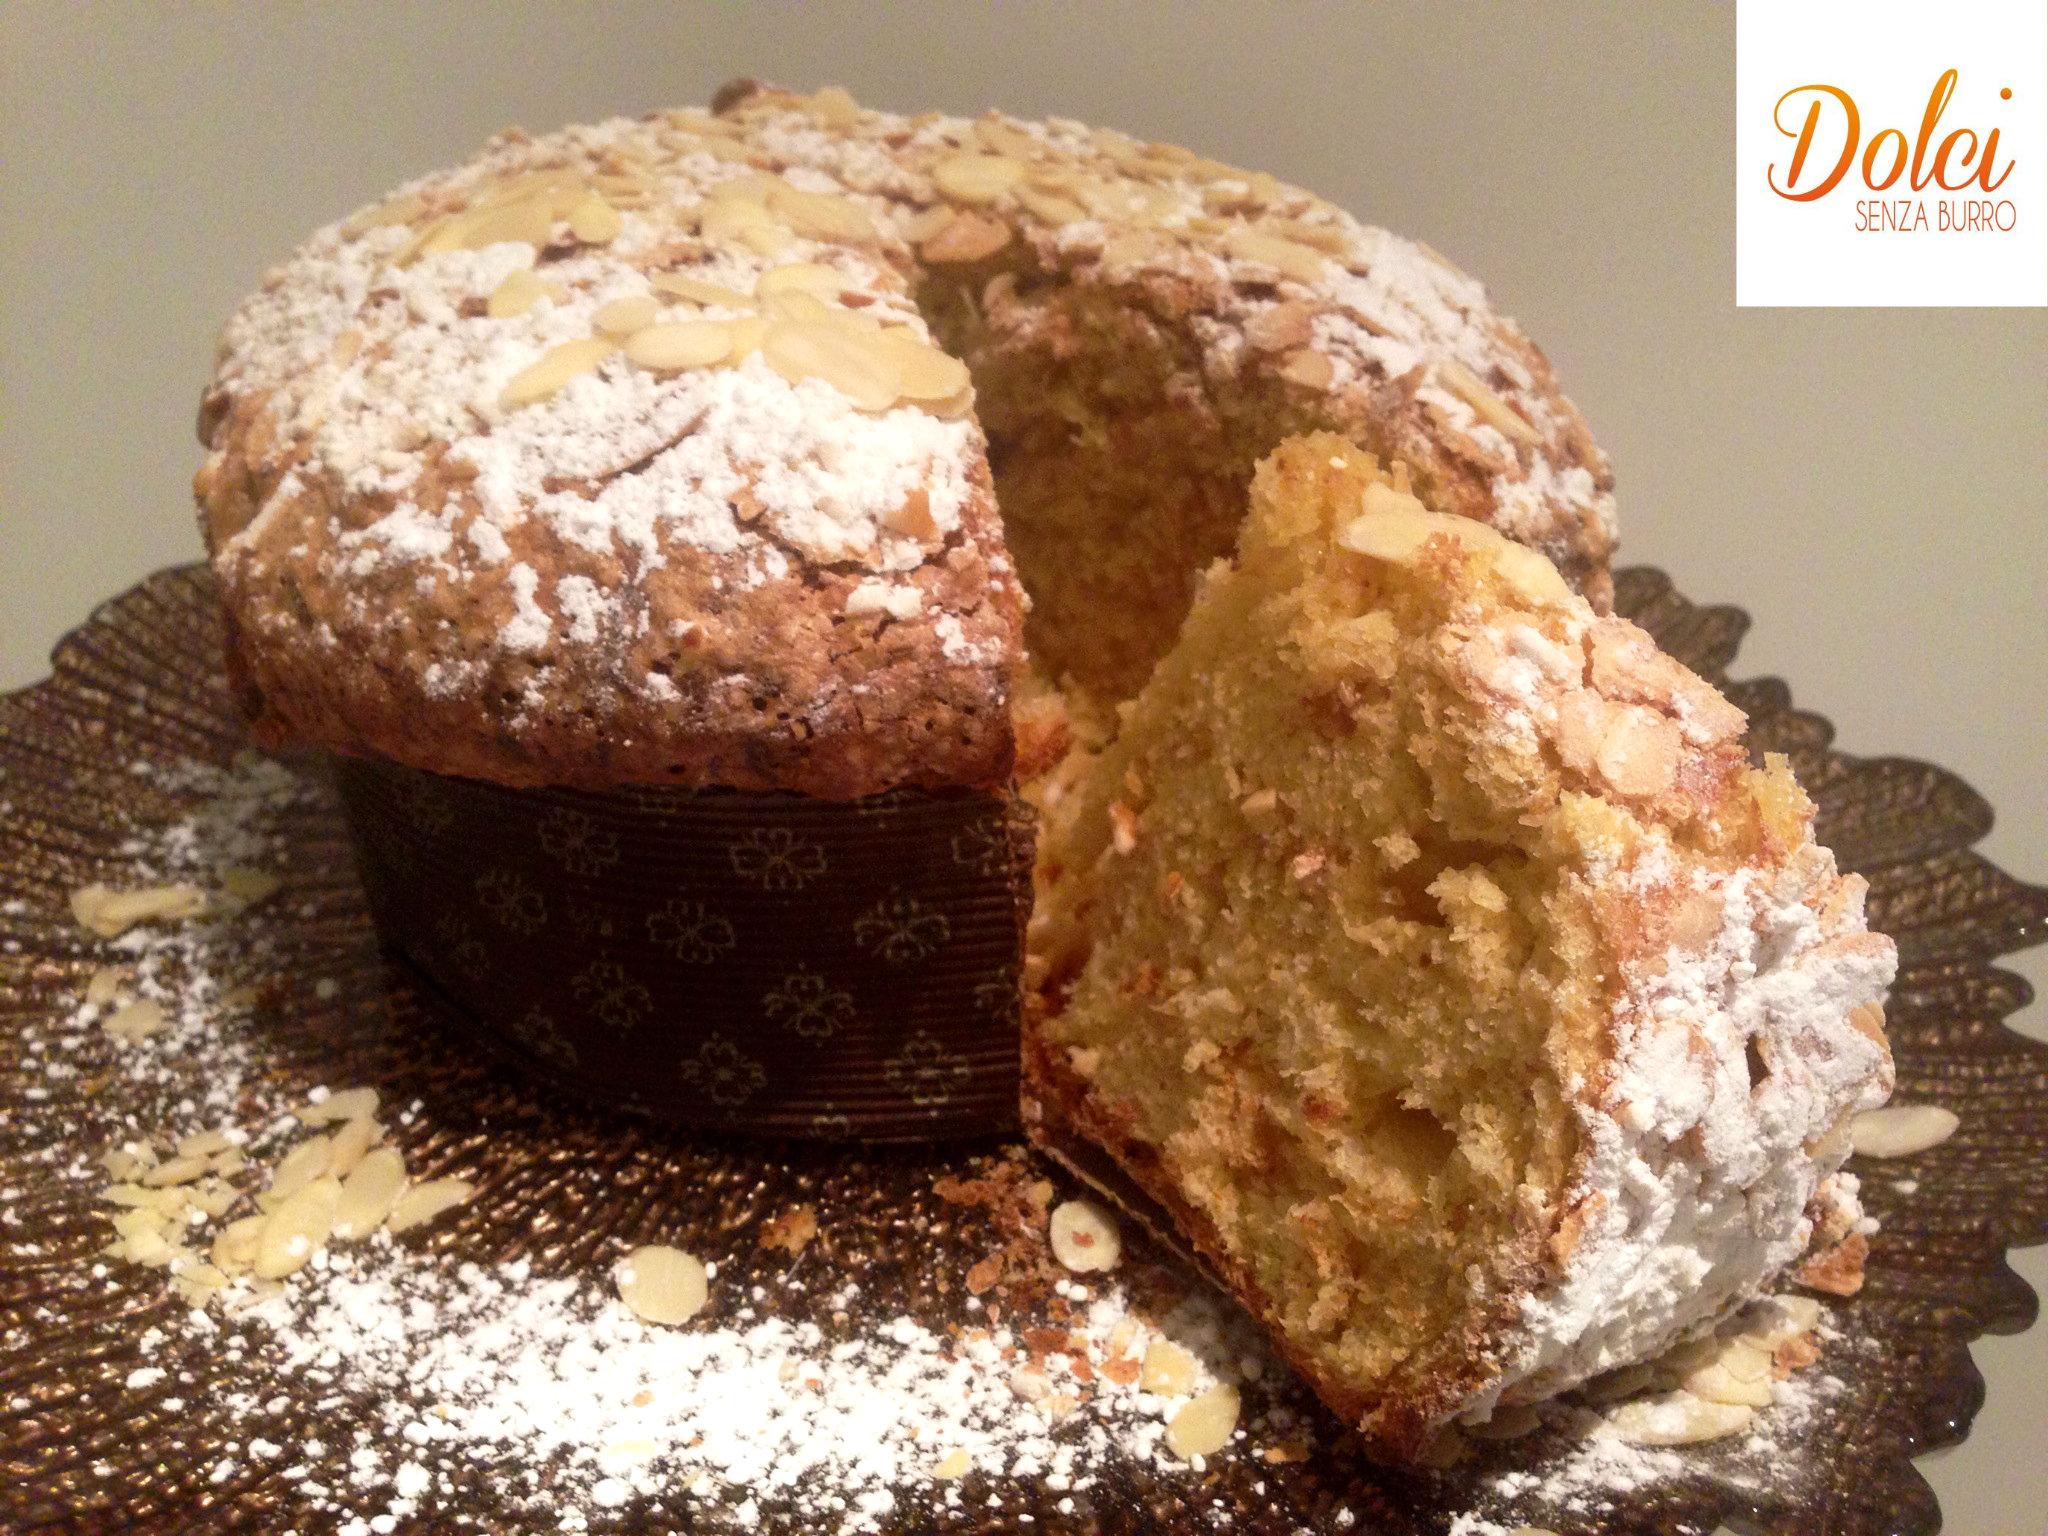 La veneziana dolce senza burro dolci senza burro for Nuove ricette dolci